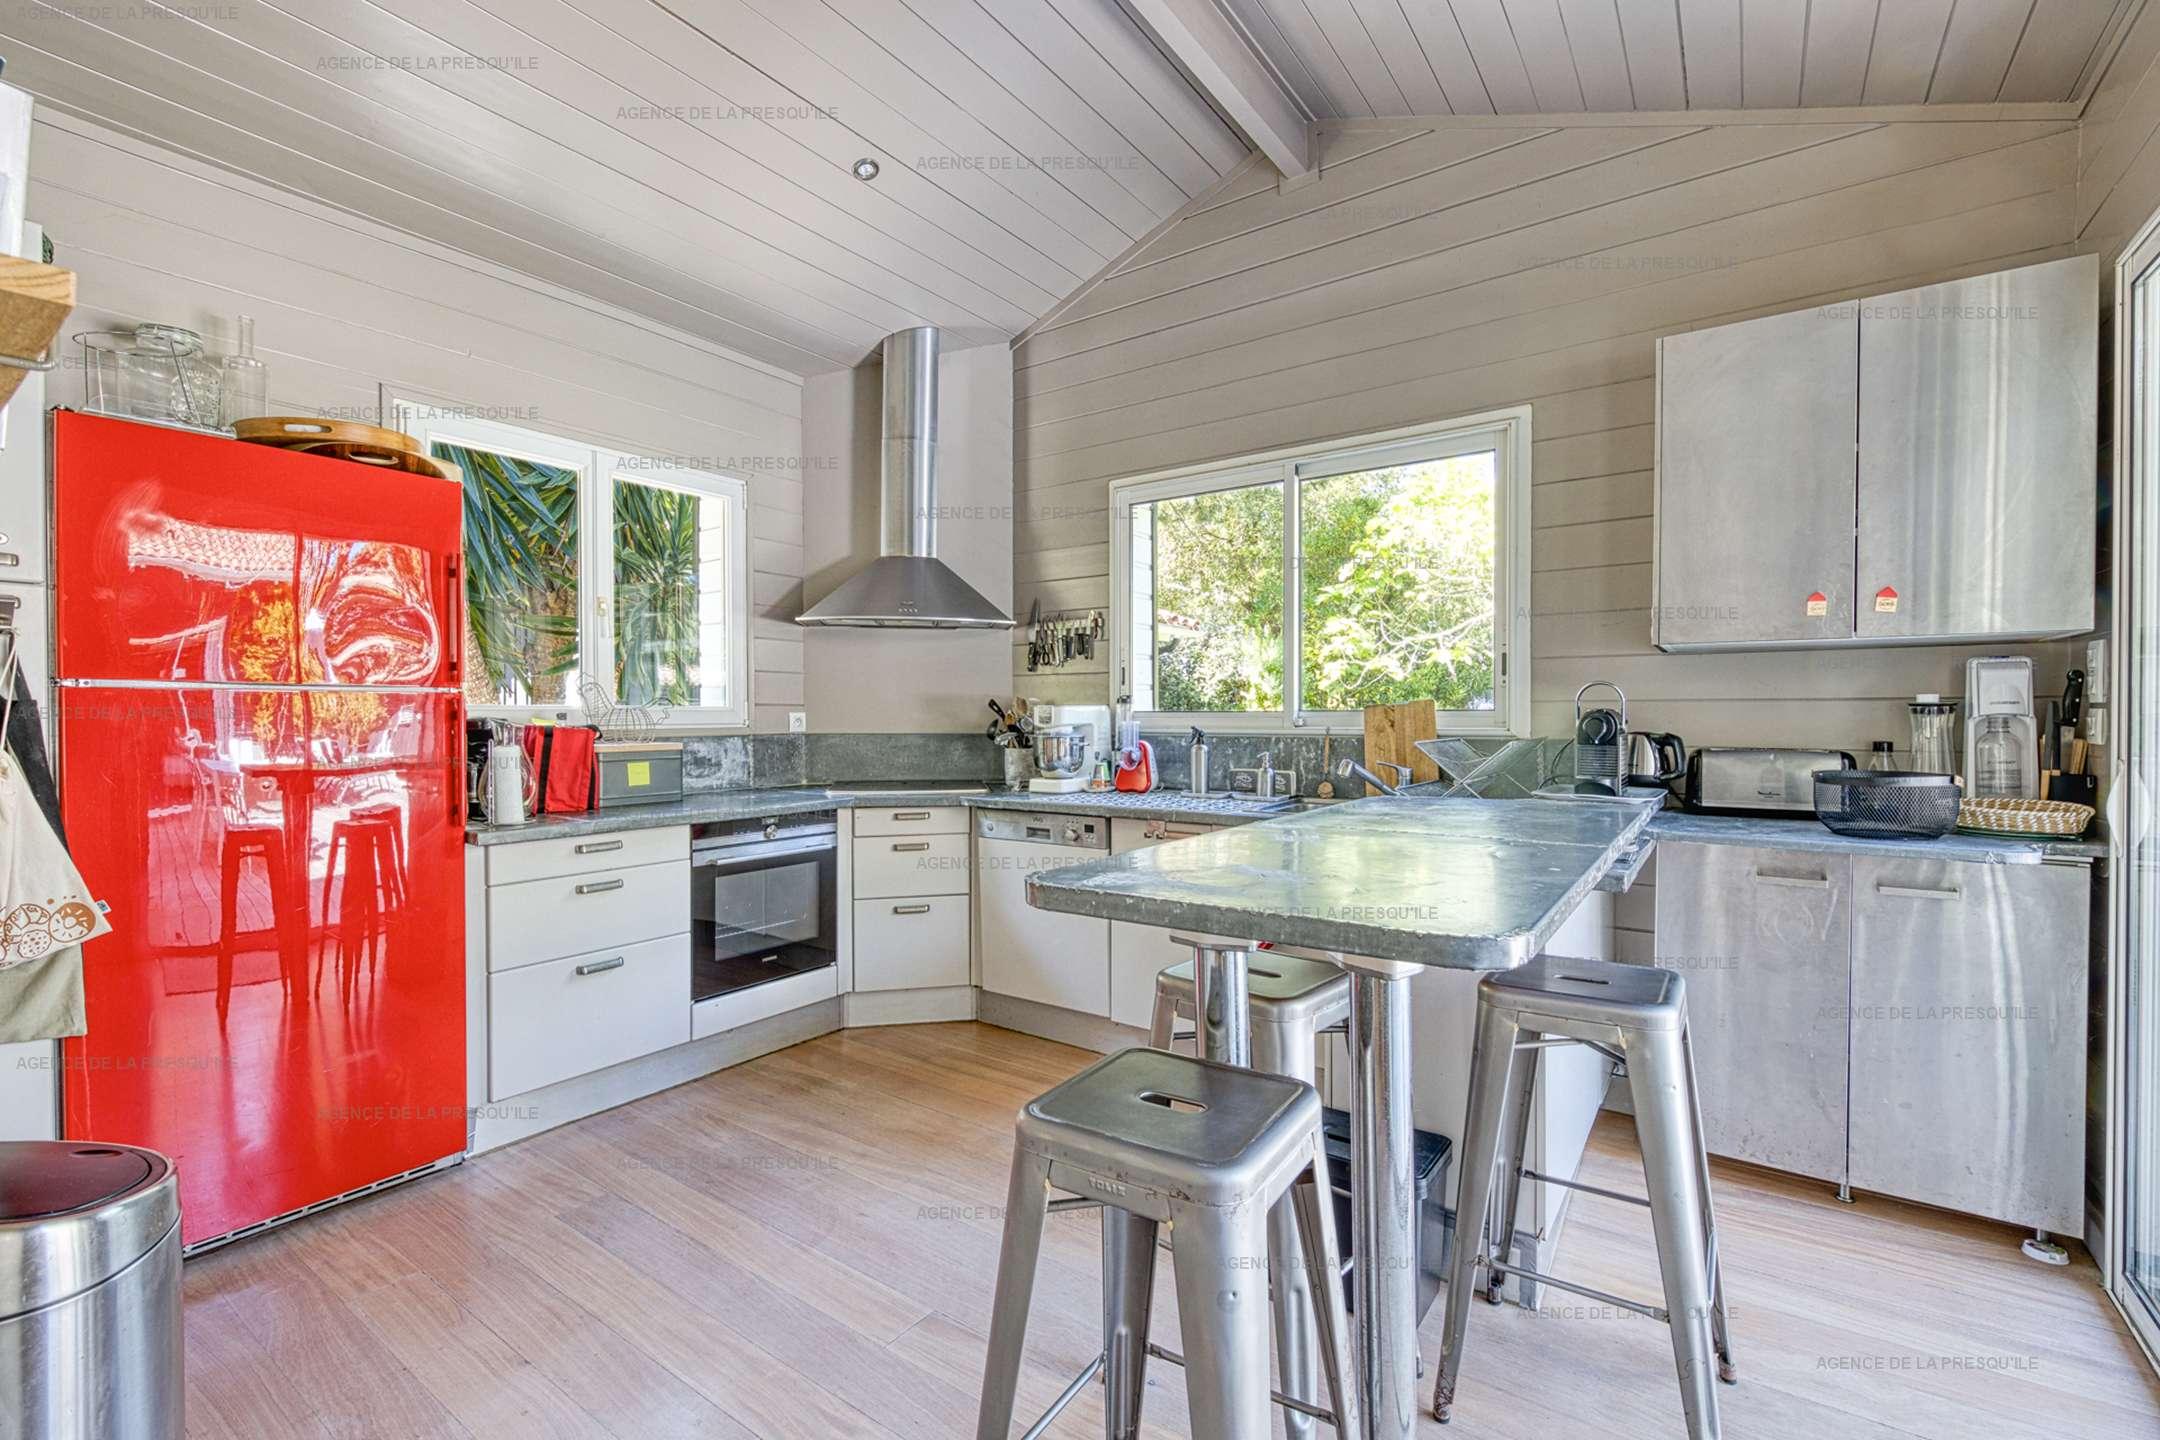 Location: Très belle villa en bois au calme avec piscine chauffée 7